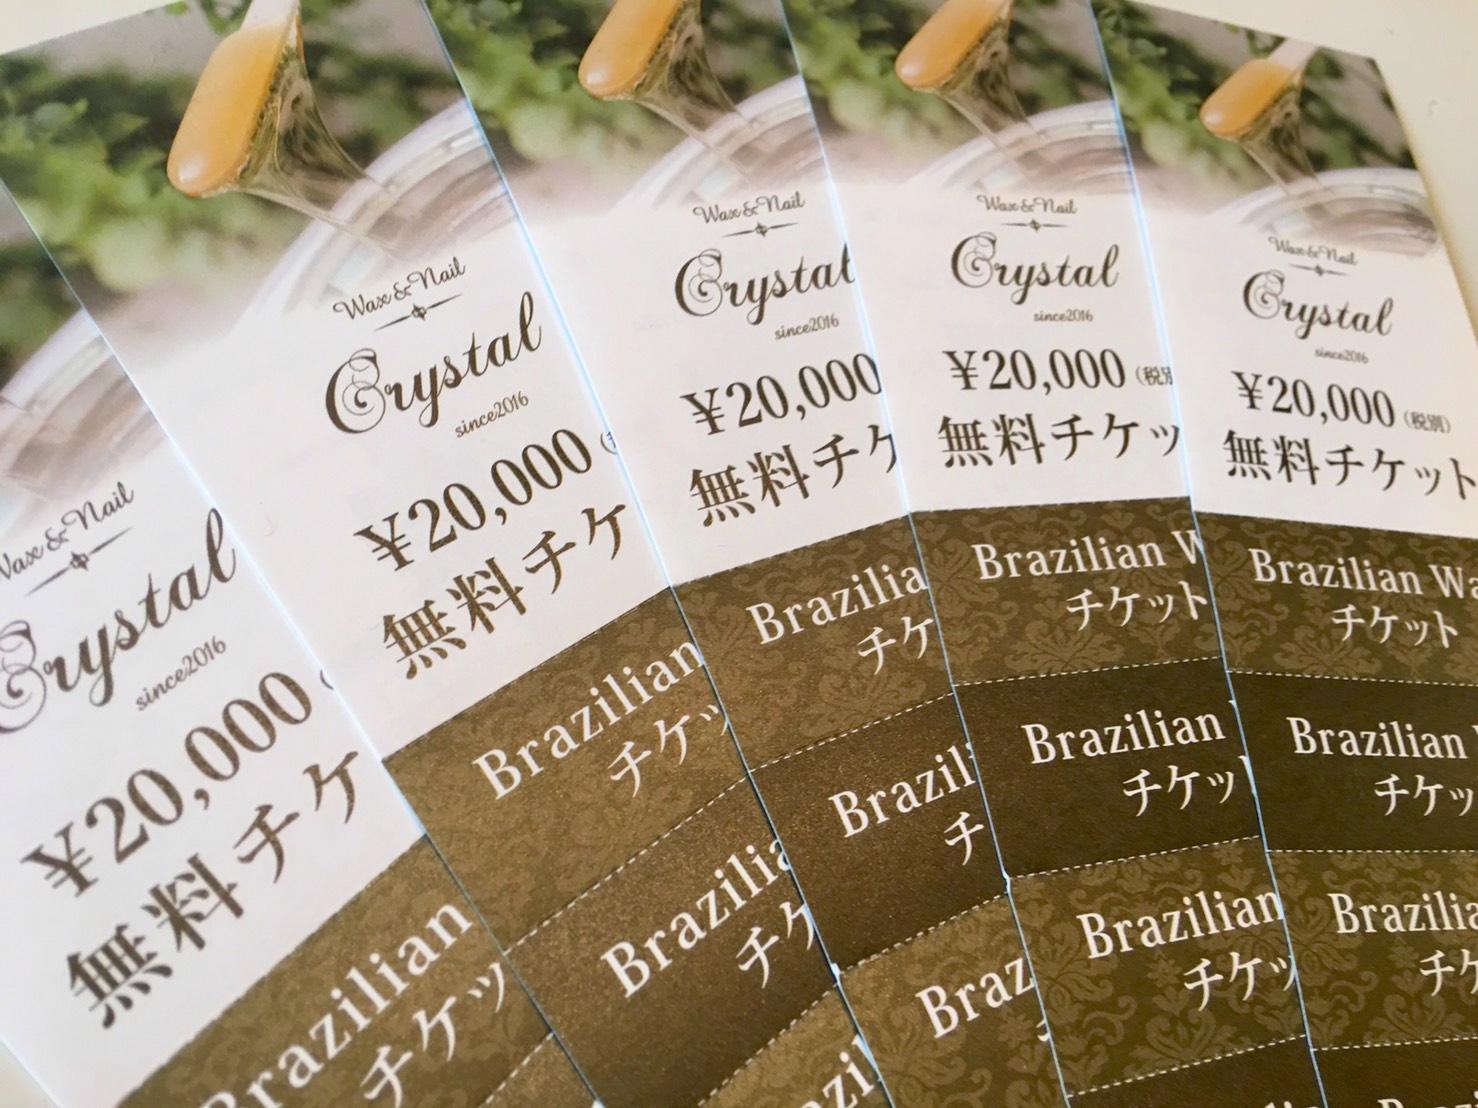 サロン回数券,割引,チケット,印刷